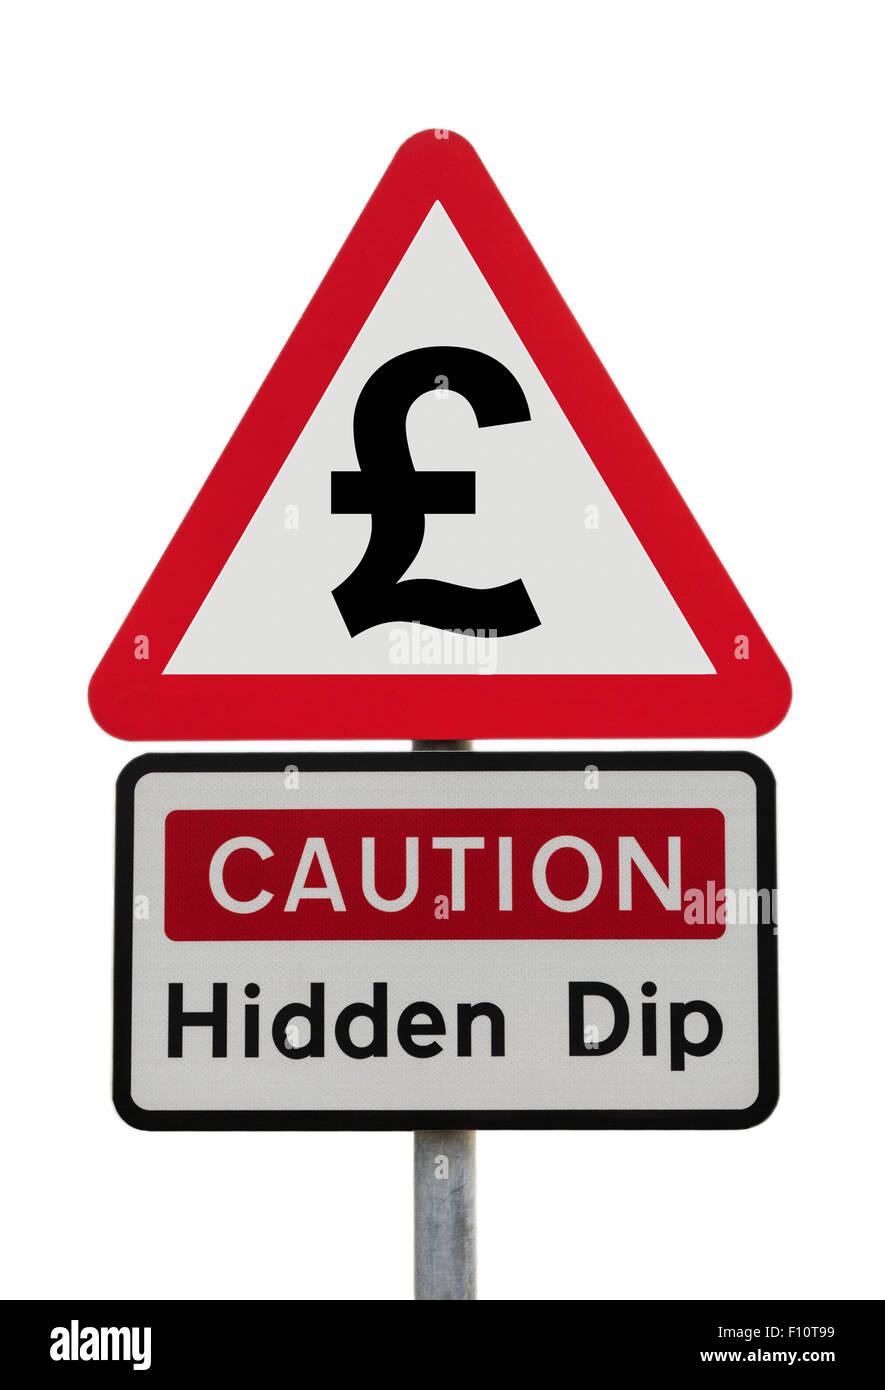 Danger Avertissement Attention panneau triangulaire Dip cachés avec dièse pour illustrer l'avenir Photo Stock